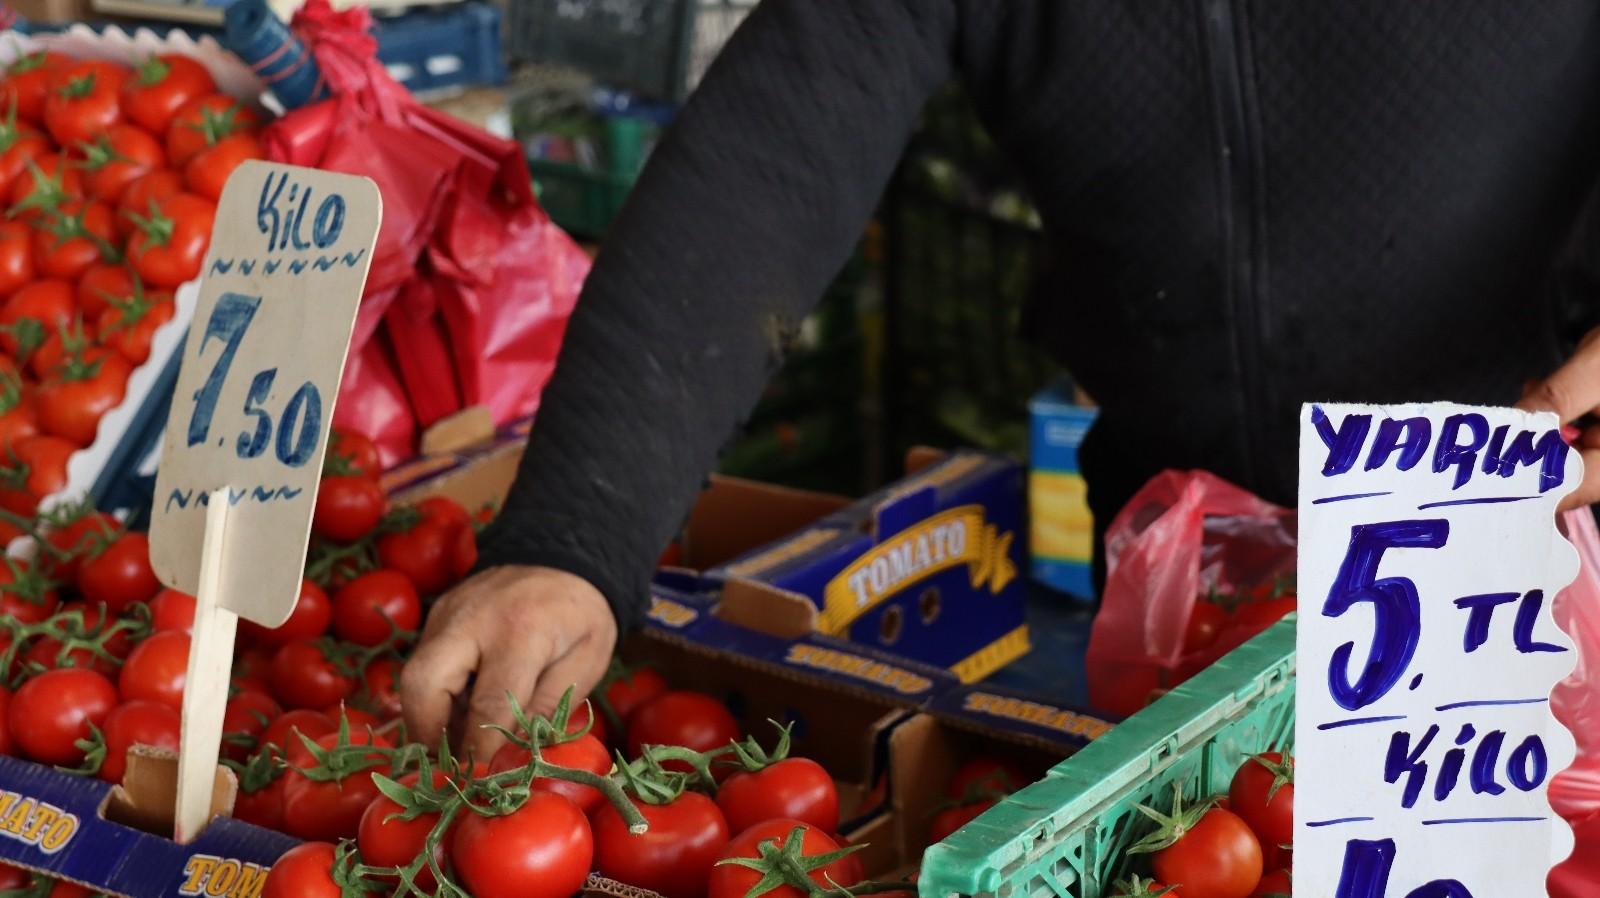 Ramazan alışverişine çıkan vatandaşlar fiyatlardan şikayetçi